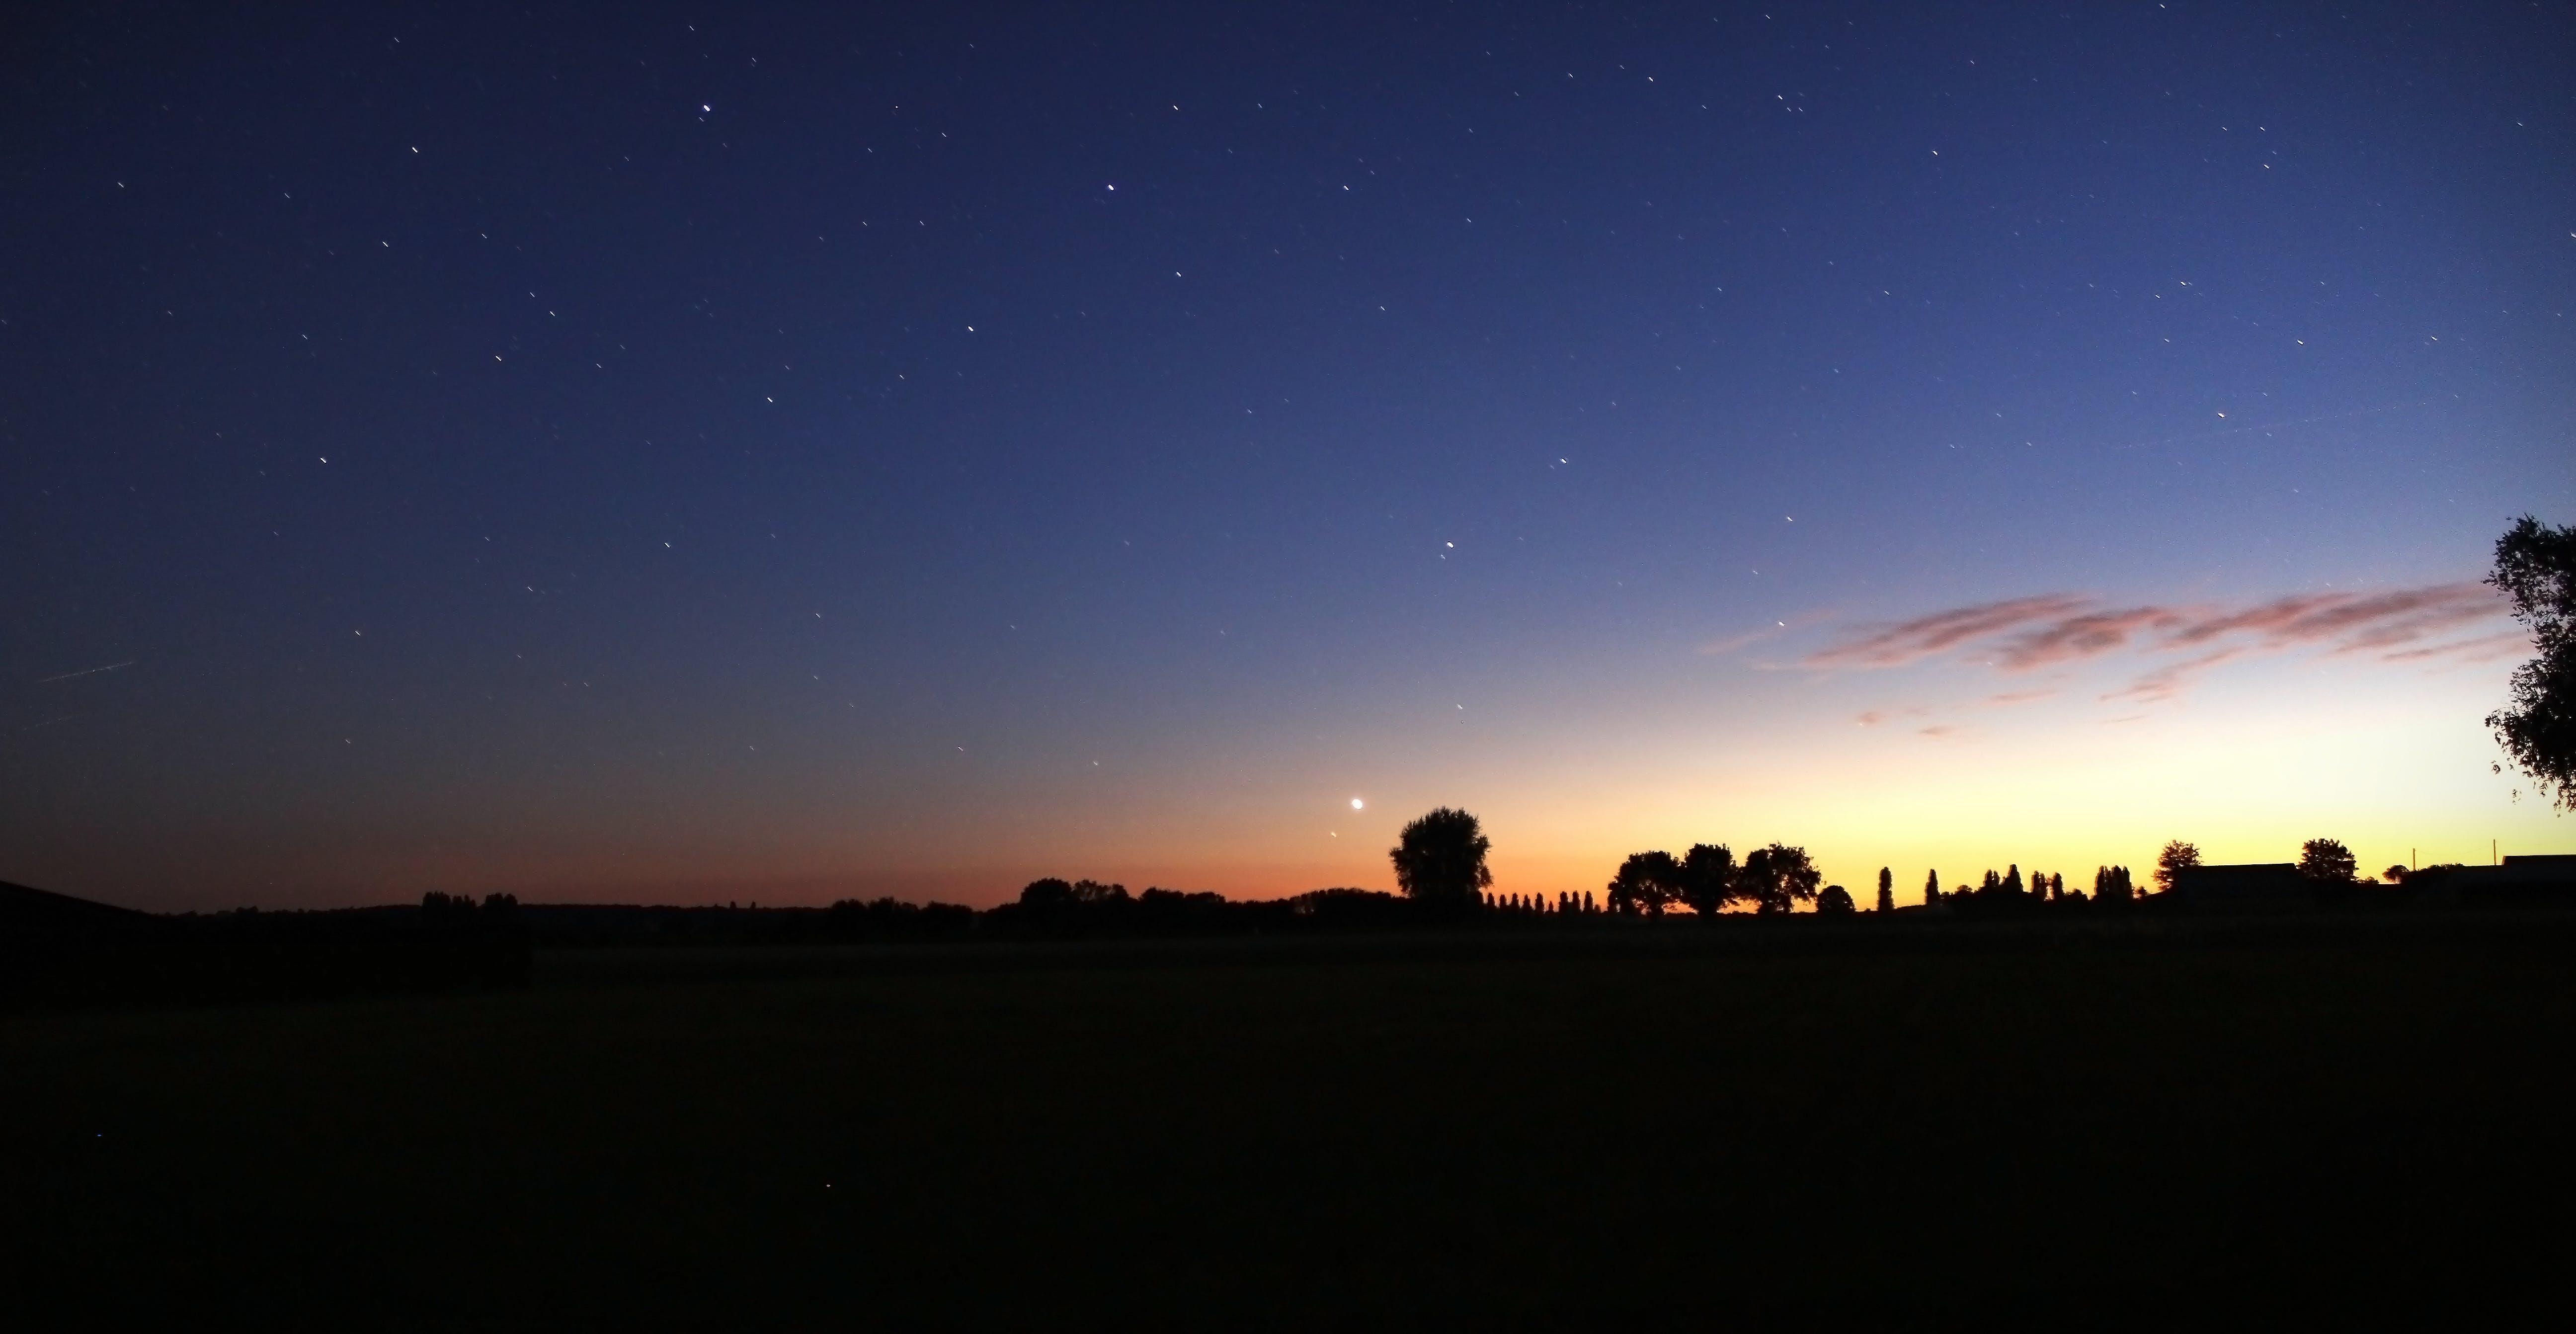 Free stock photo of night, star, starry, stars